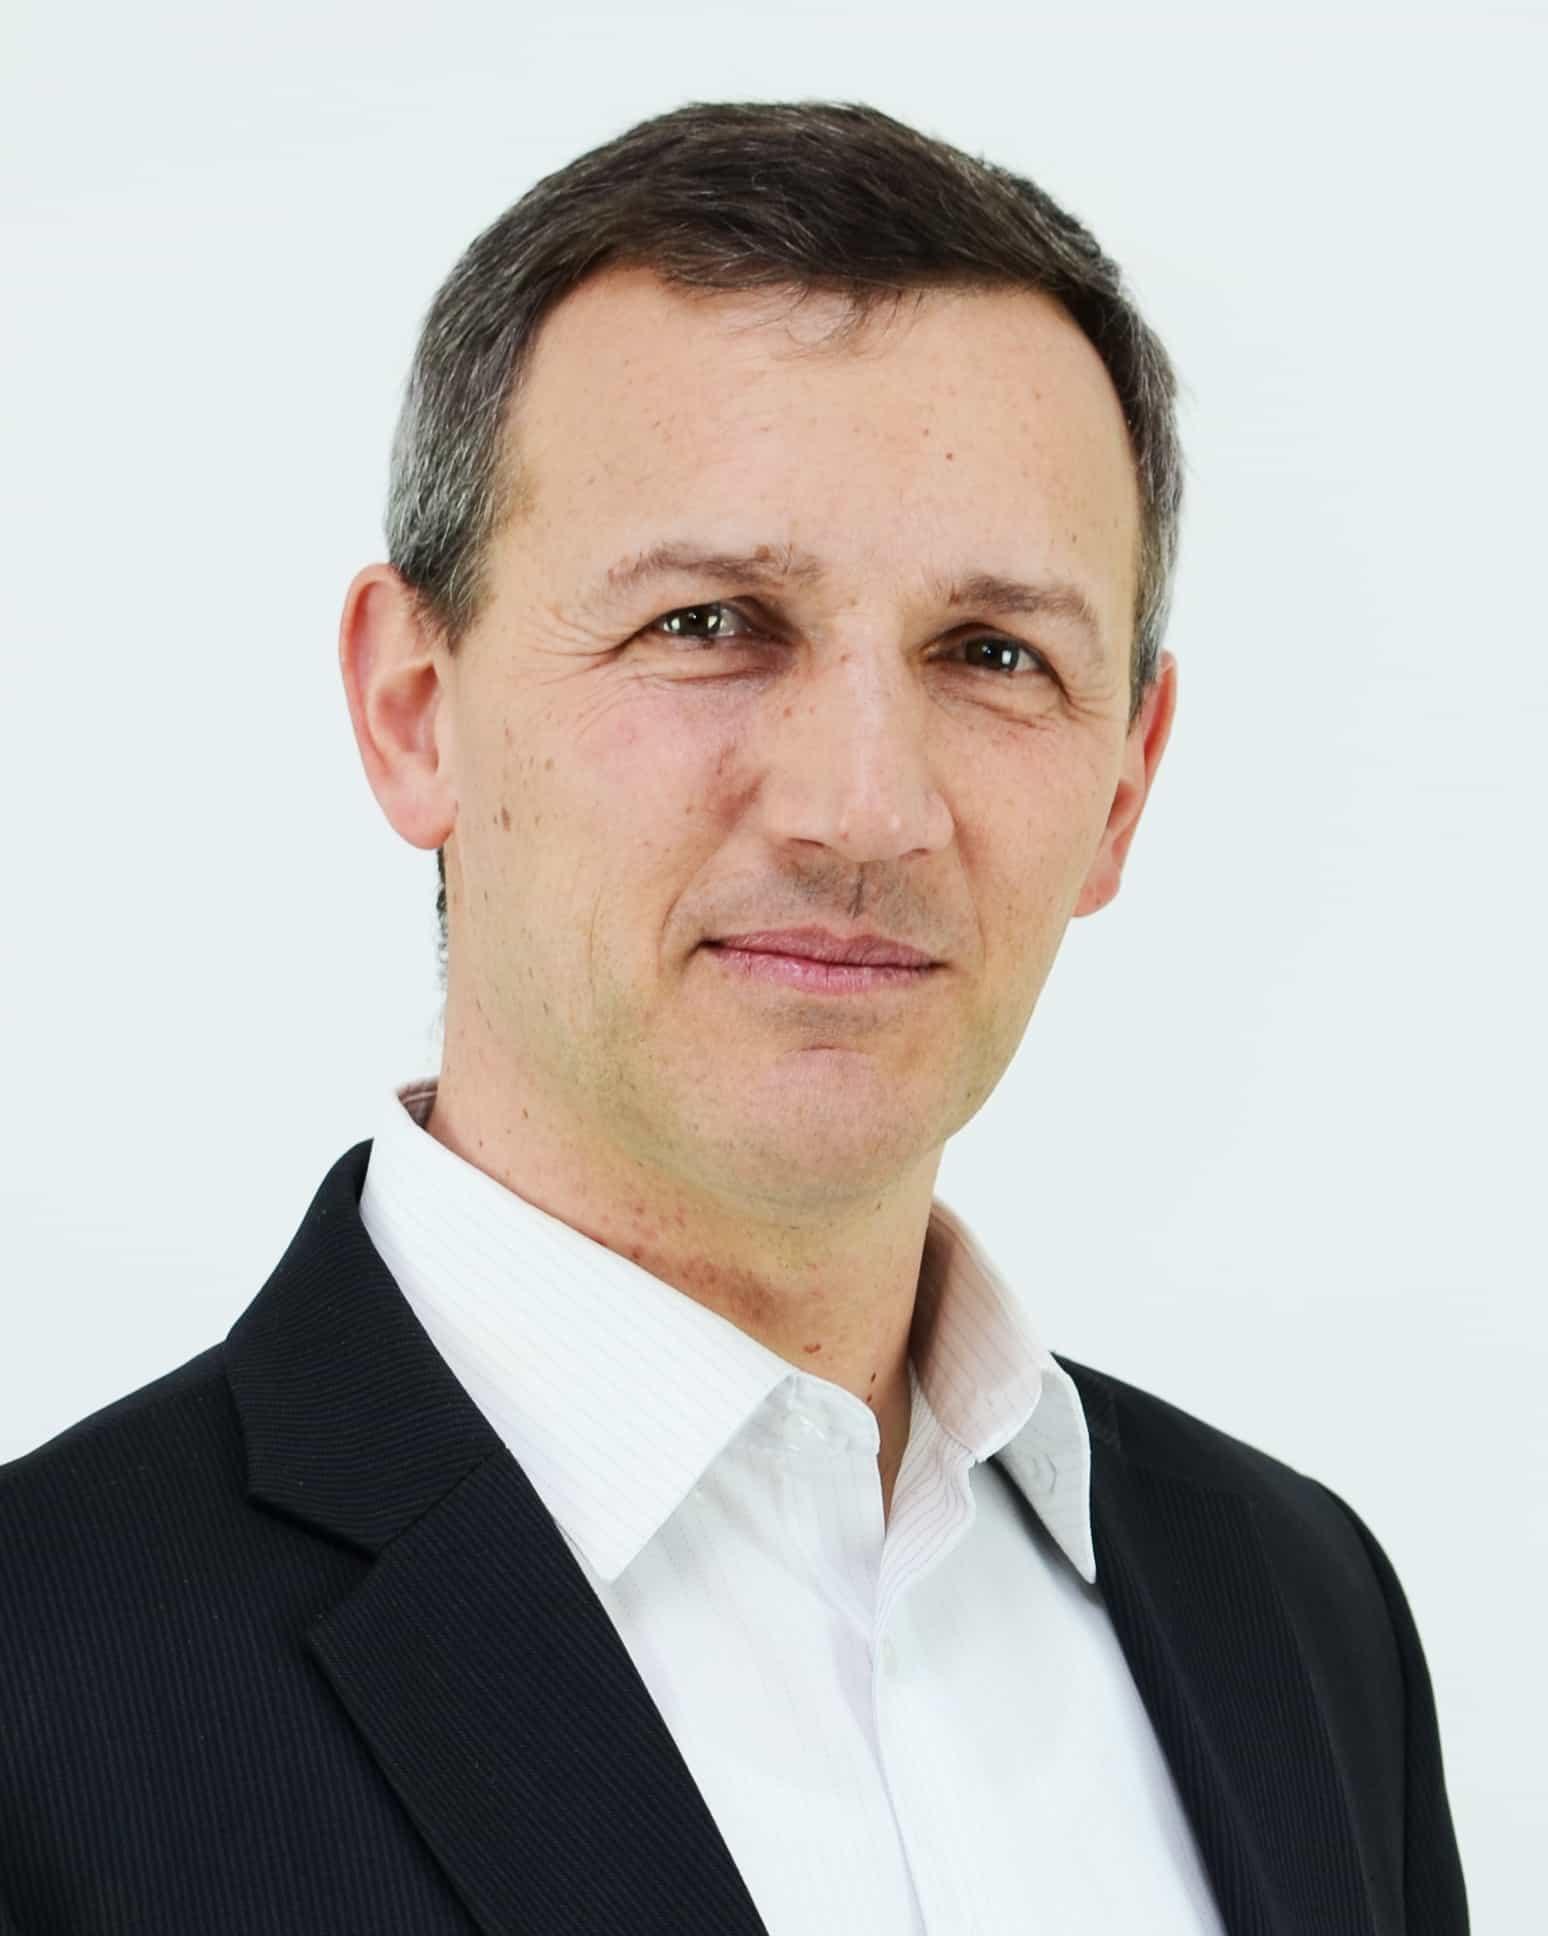 doc. Ing. Petr Všetečka, PhD.